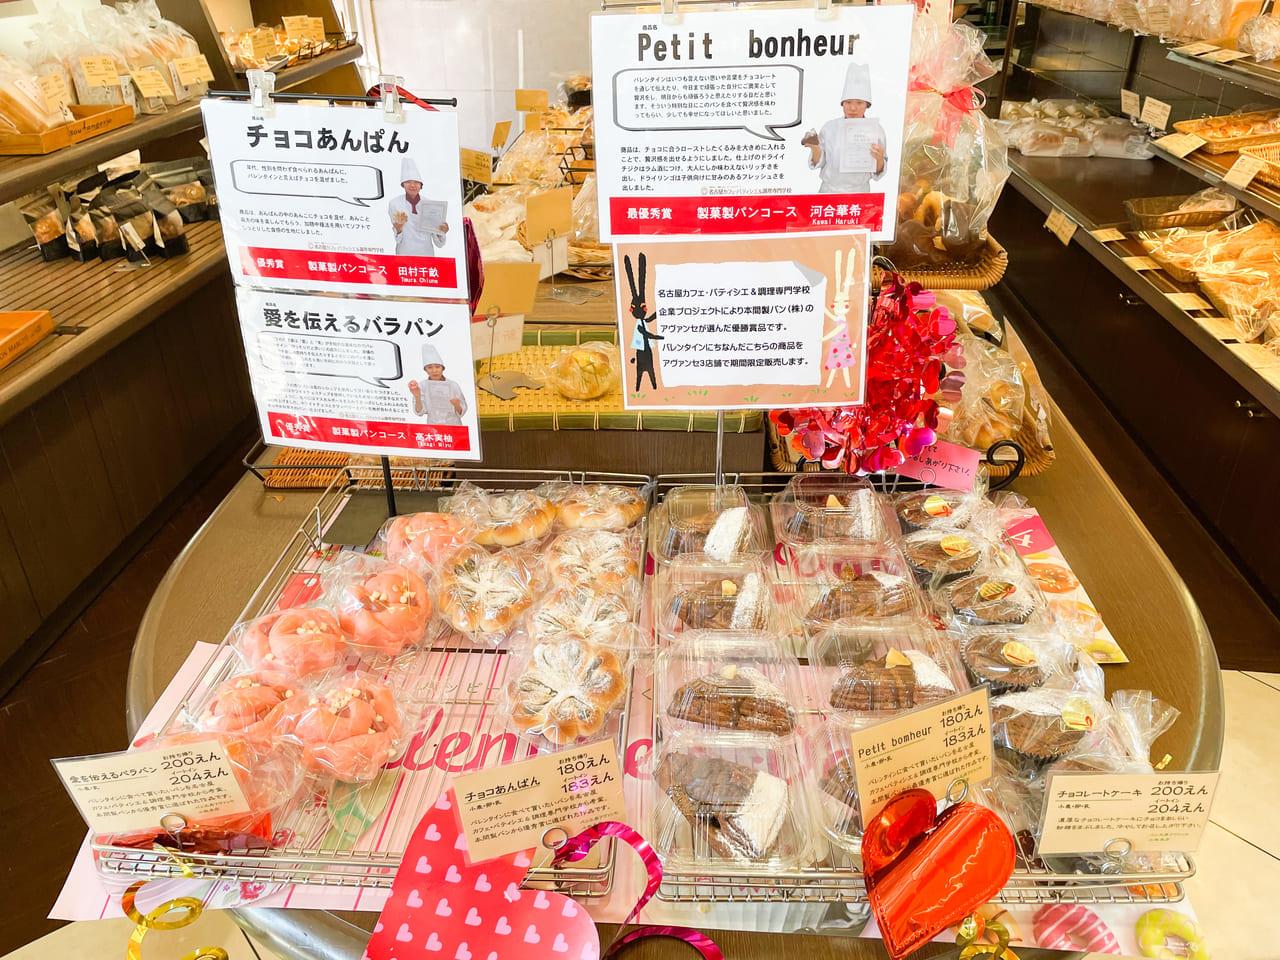 アヴァンセ小牧本店のバレンタインパン